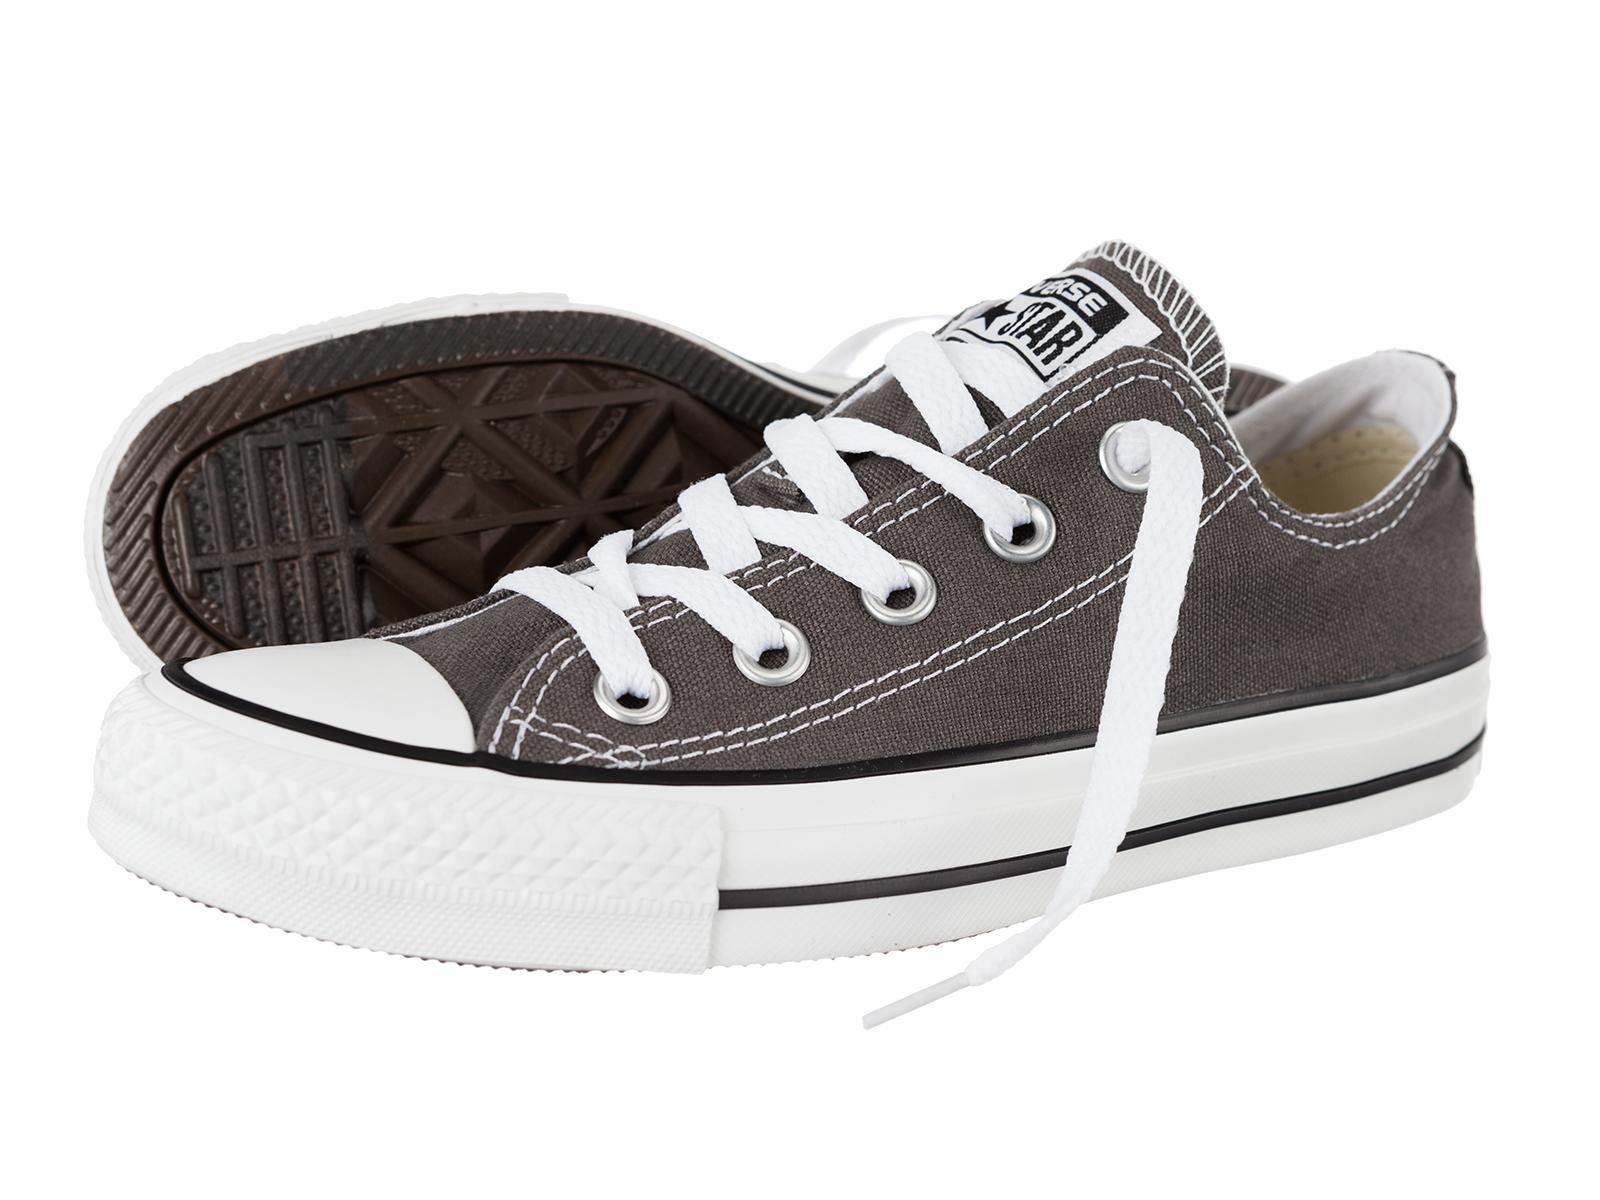 Converse Unisex Sneakers All Star Scarpe Da Ginnastica Stringate Basse In Tela